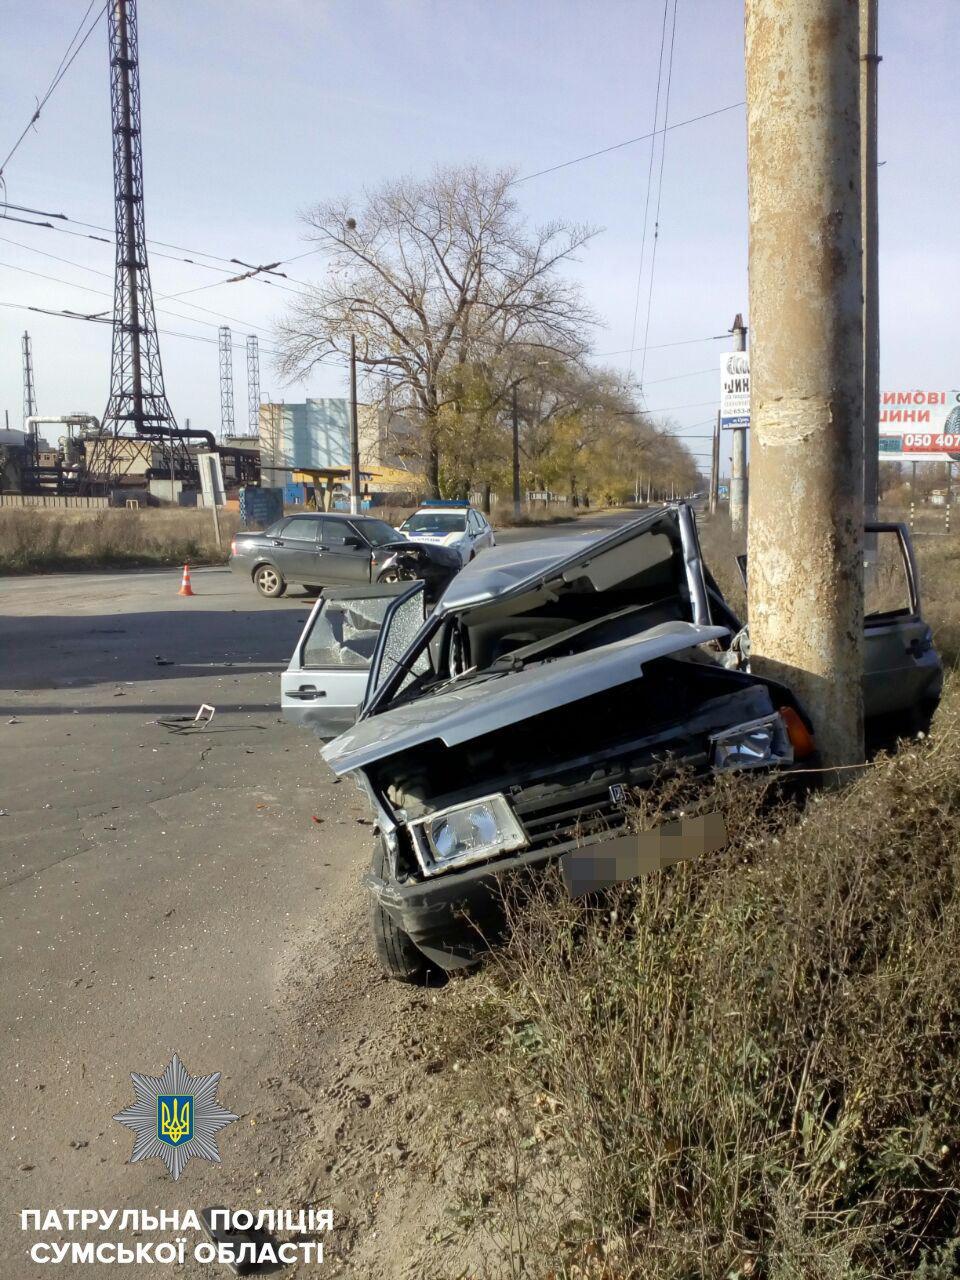 В результате ДТП в Сумах пострадал мужчина и ребенок, фото-2